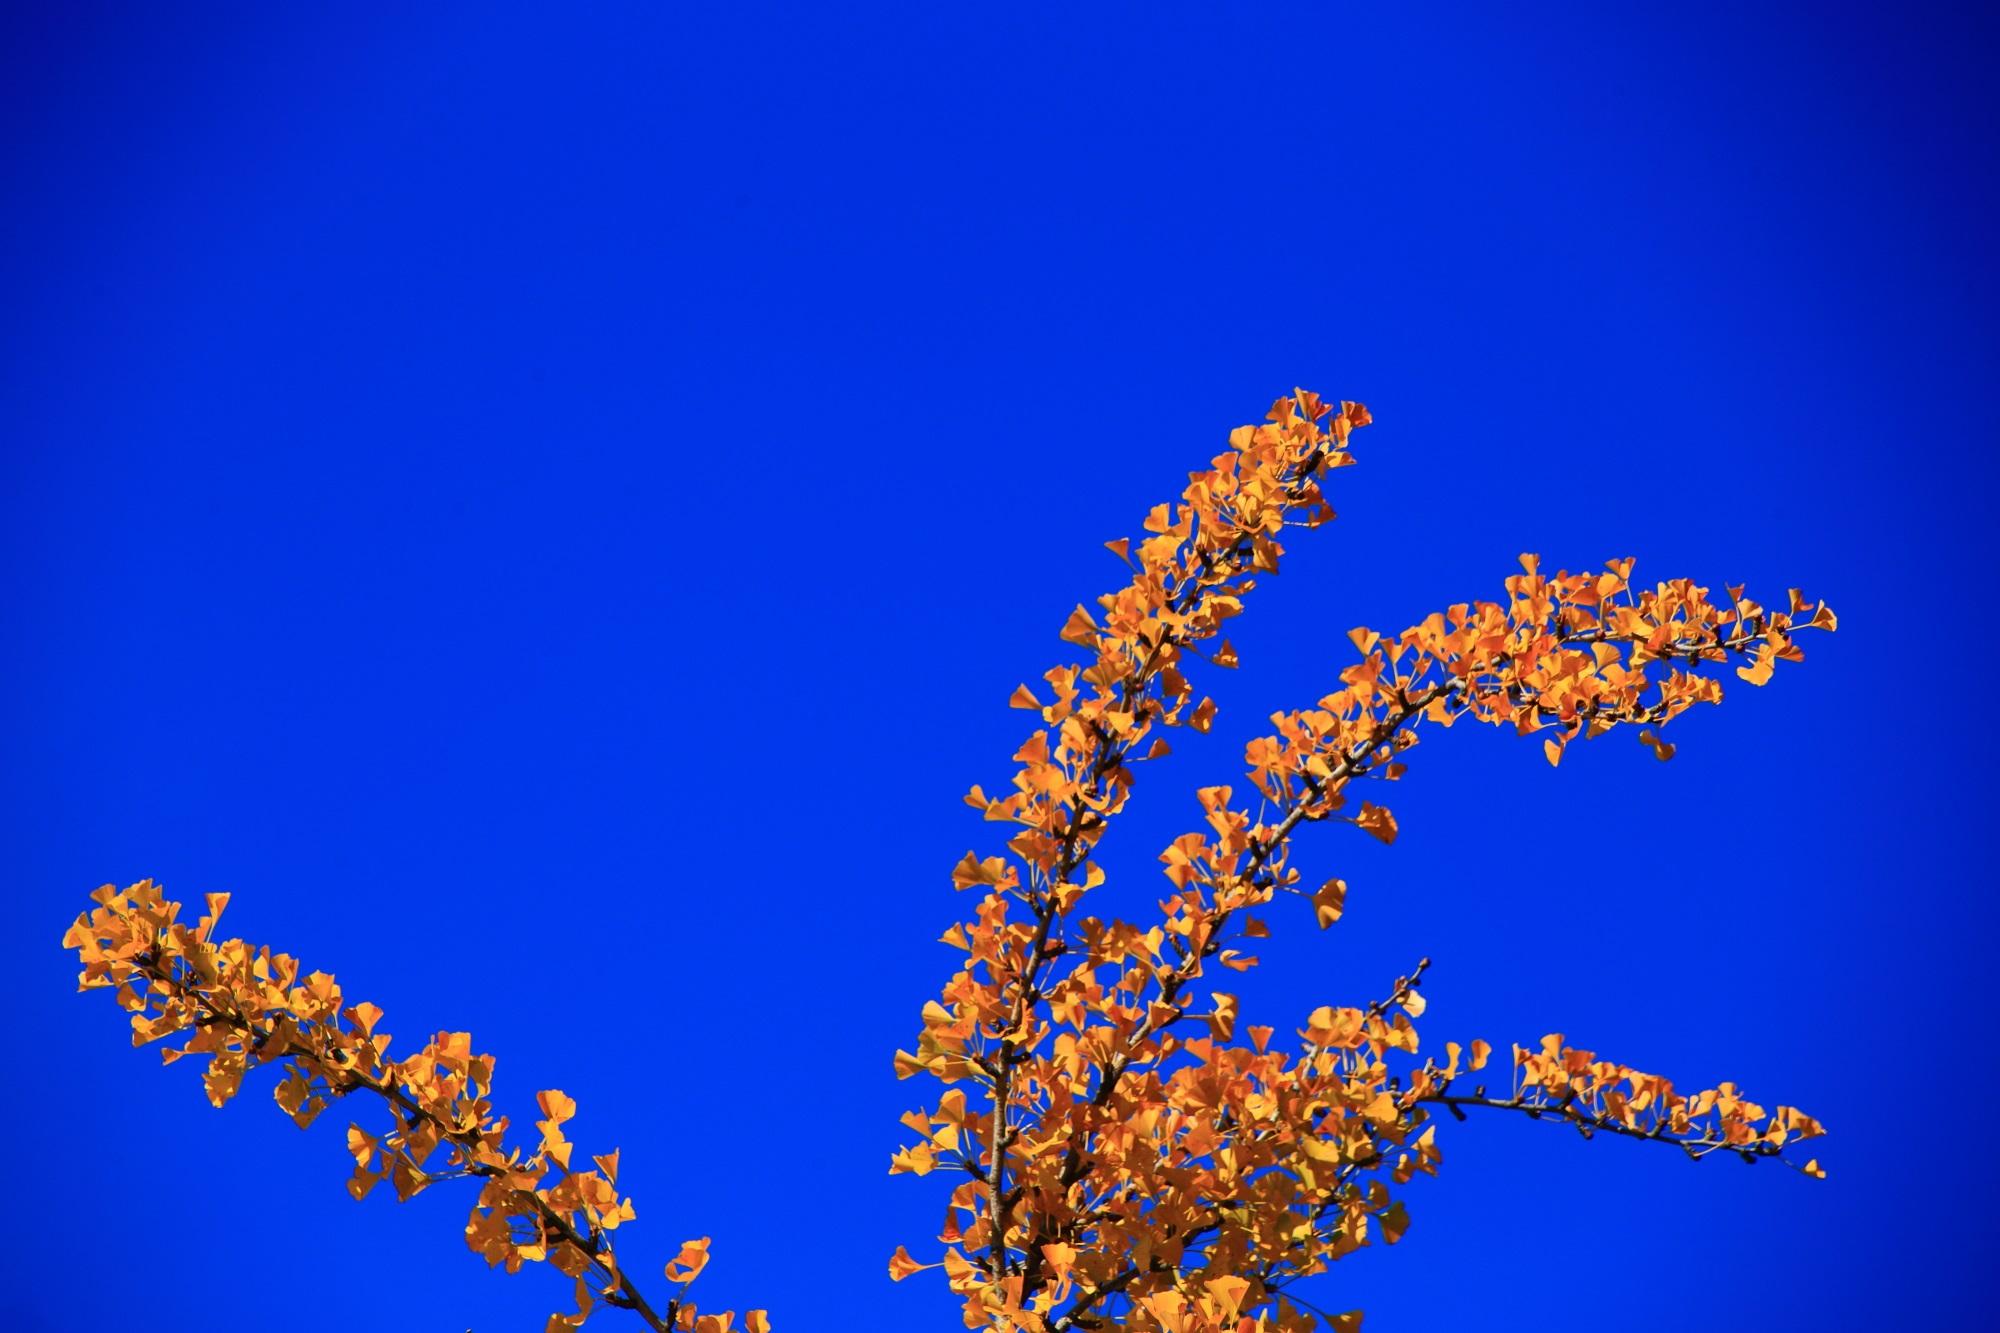 西本願寺の華やかな大銀杏の黄葉と青空